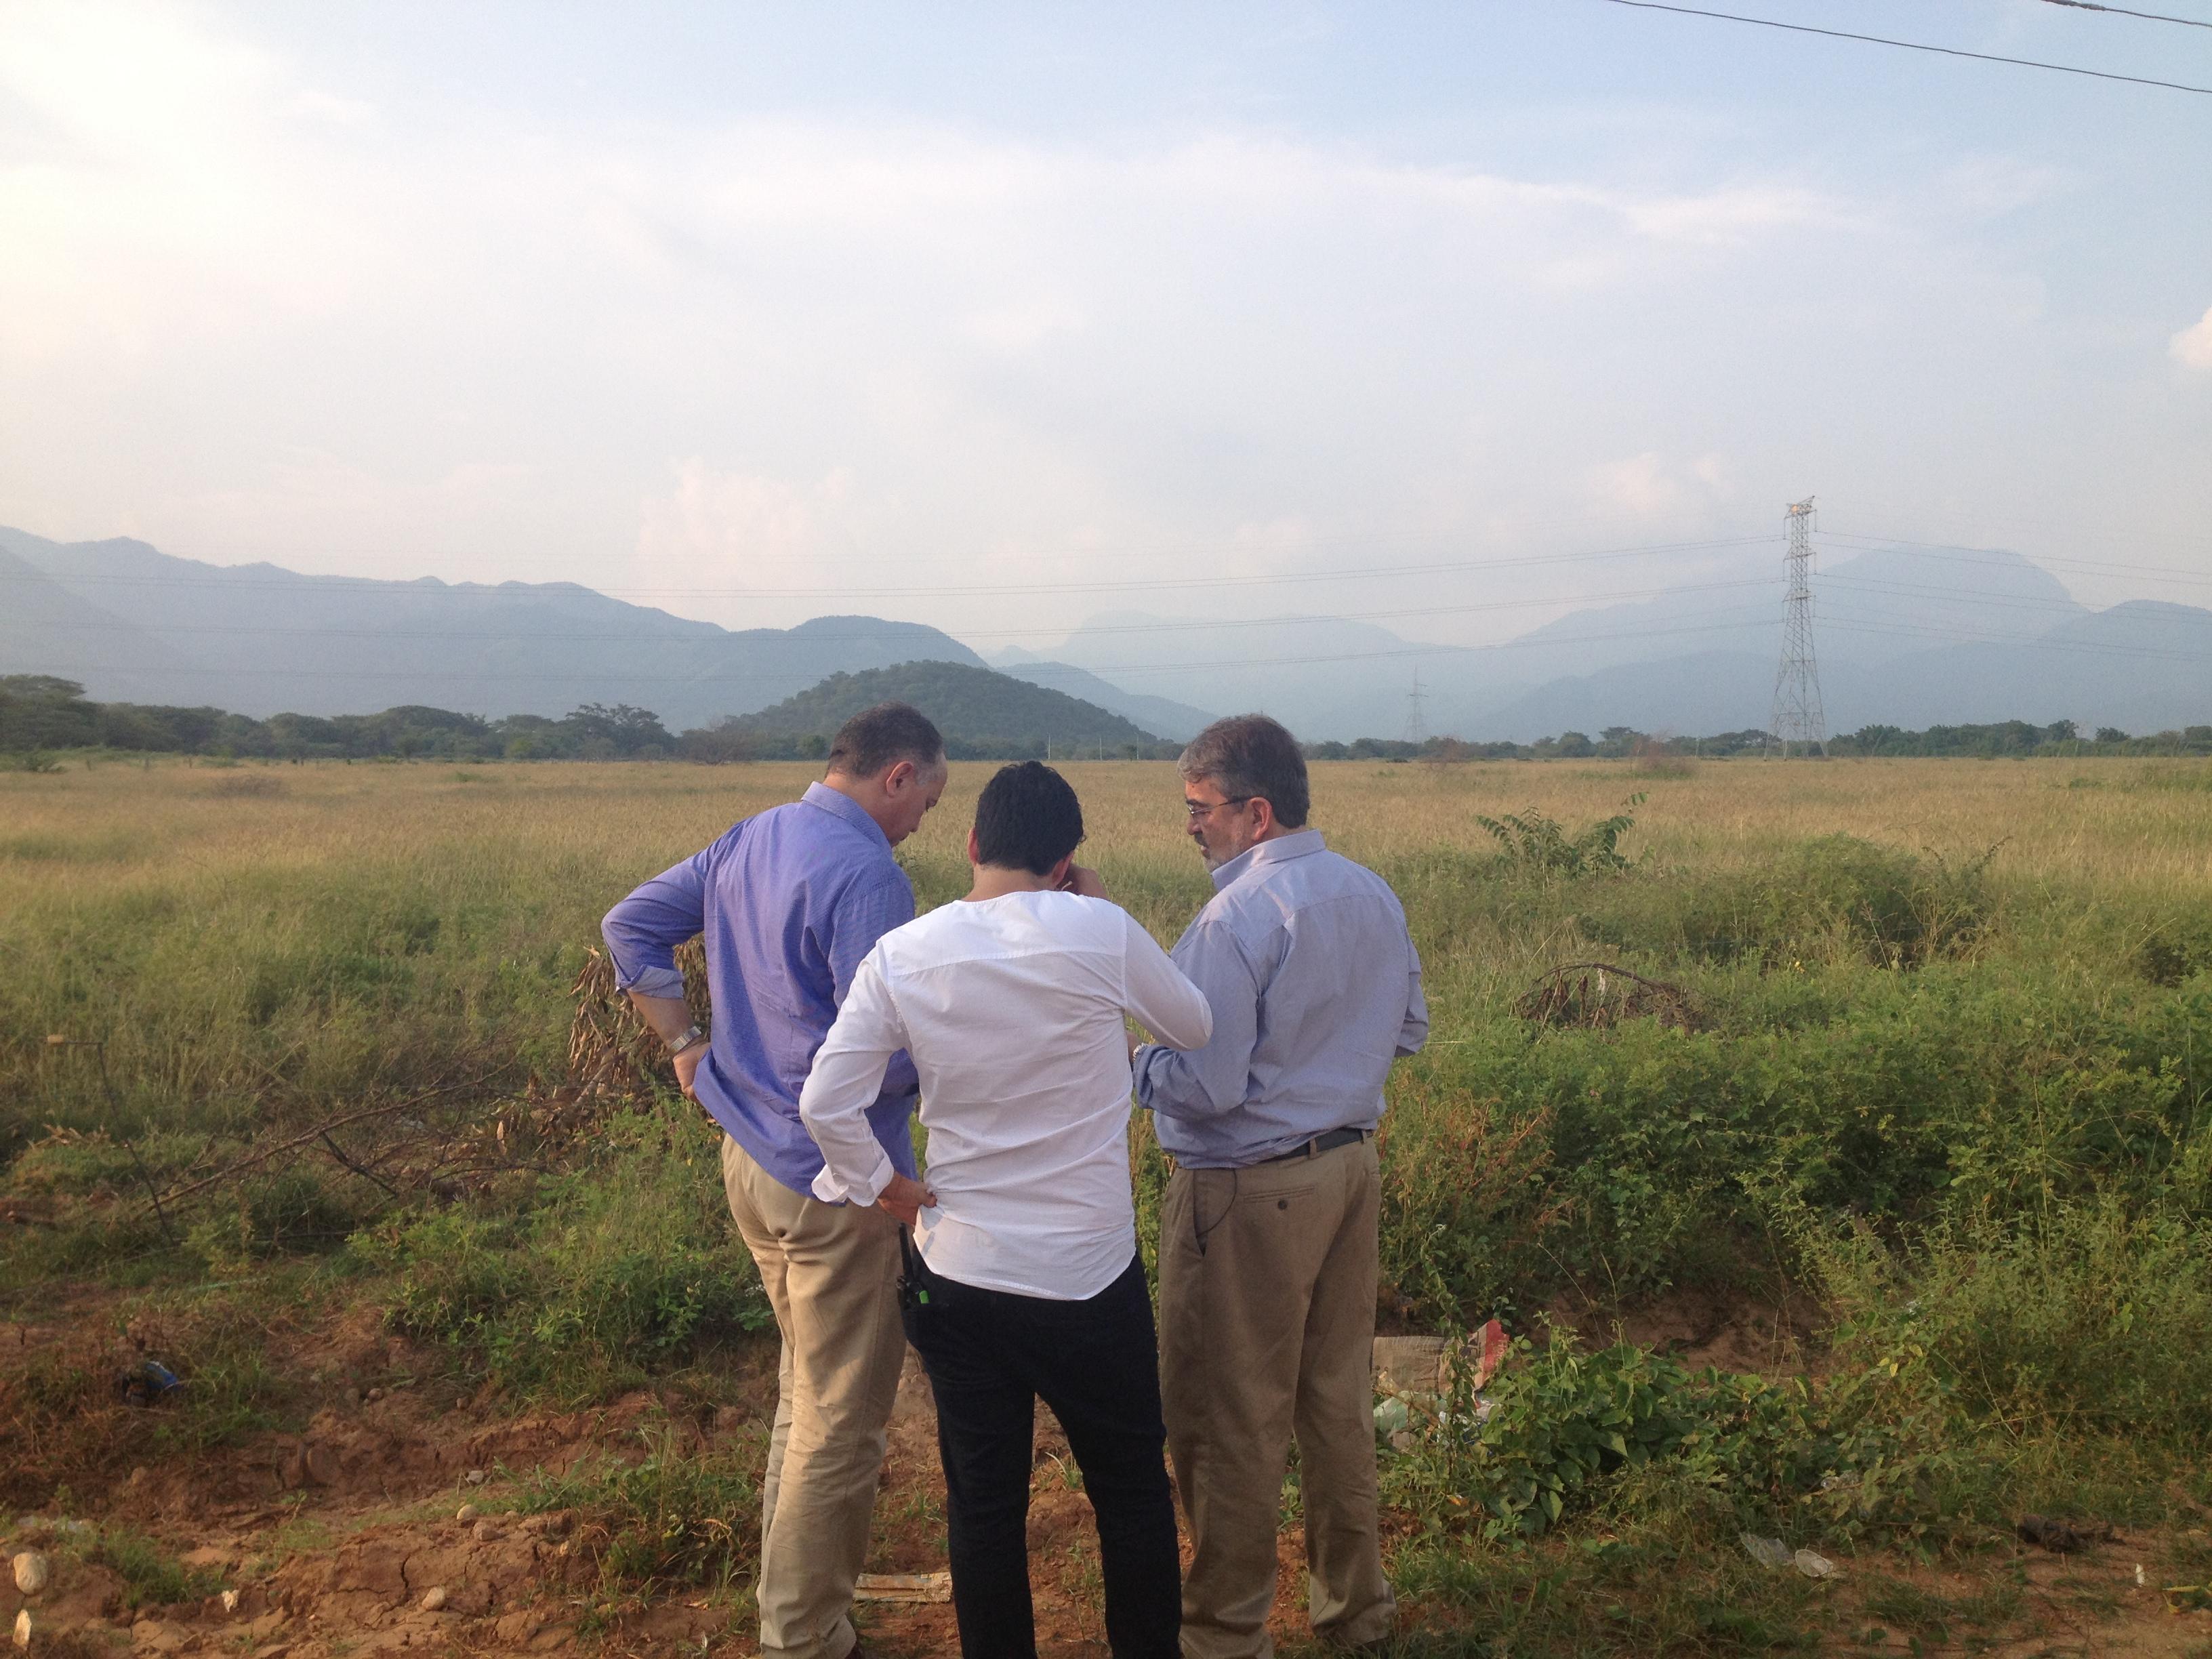 Planning for urban expansion in Valledupar